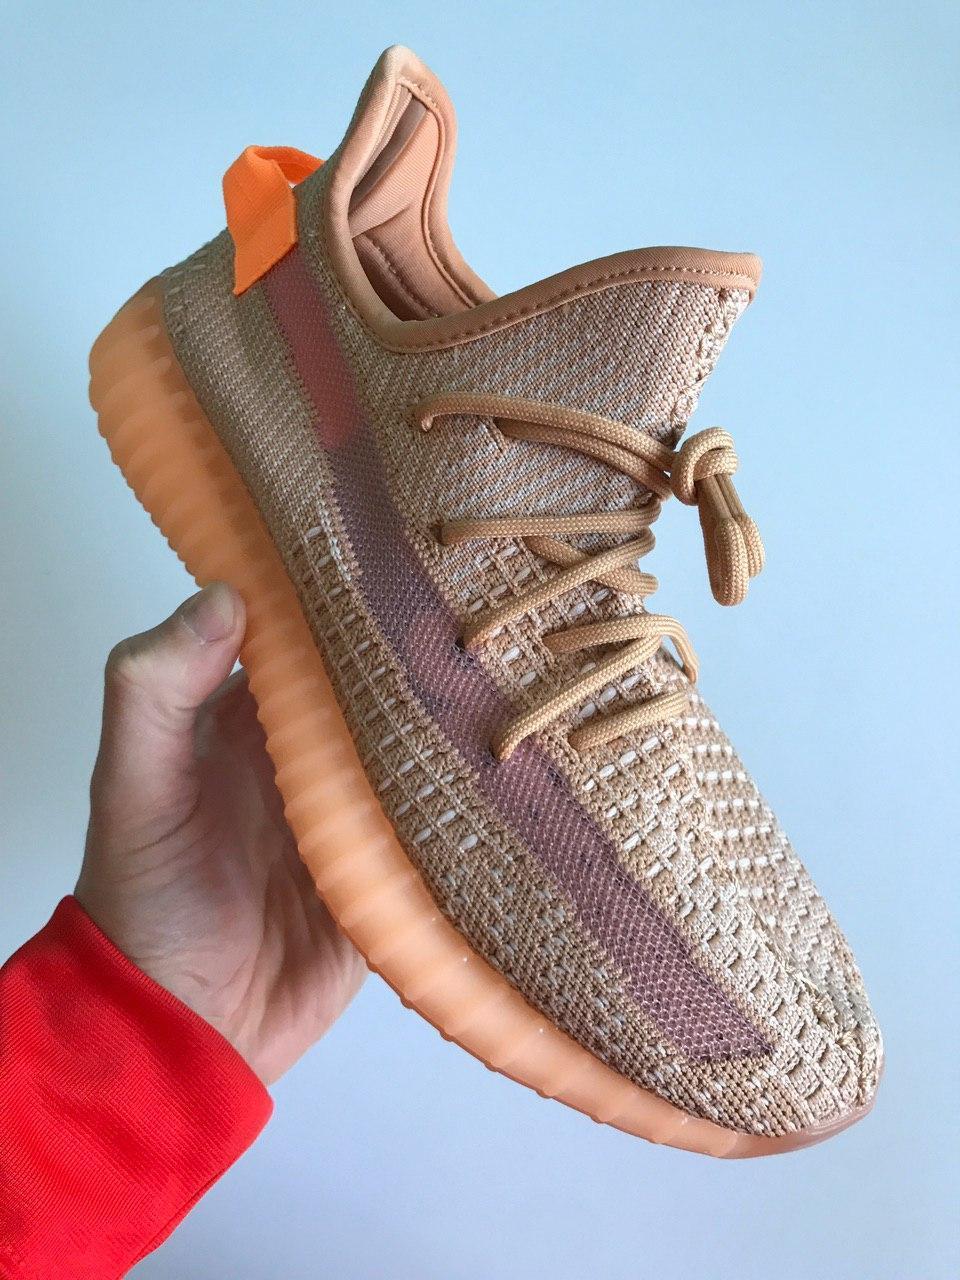 Кроссовки женские Adidas Yeezy Boost 350 V2 Clay